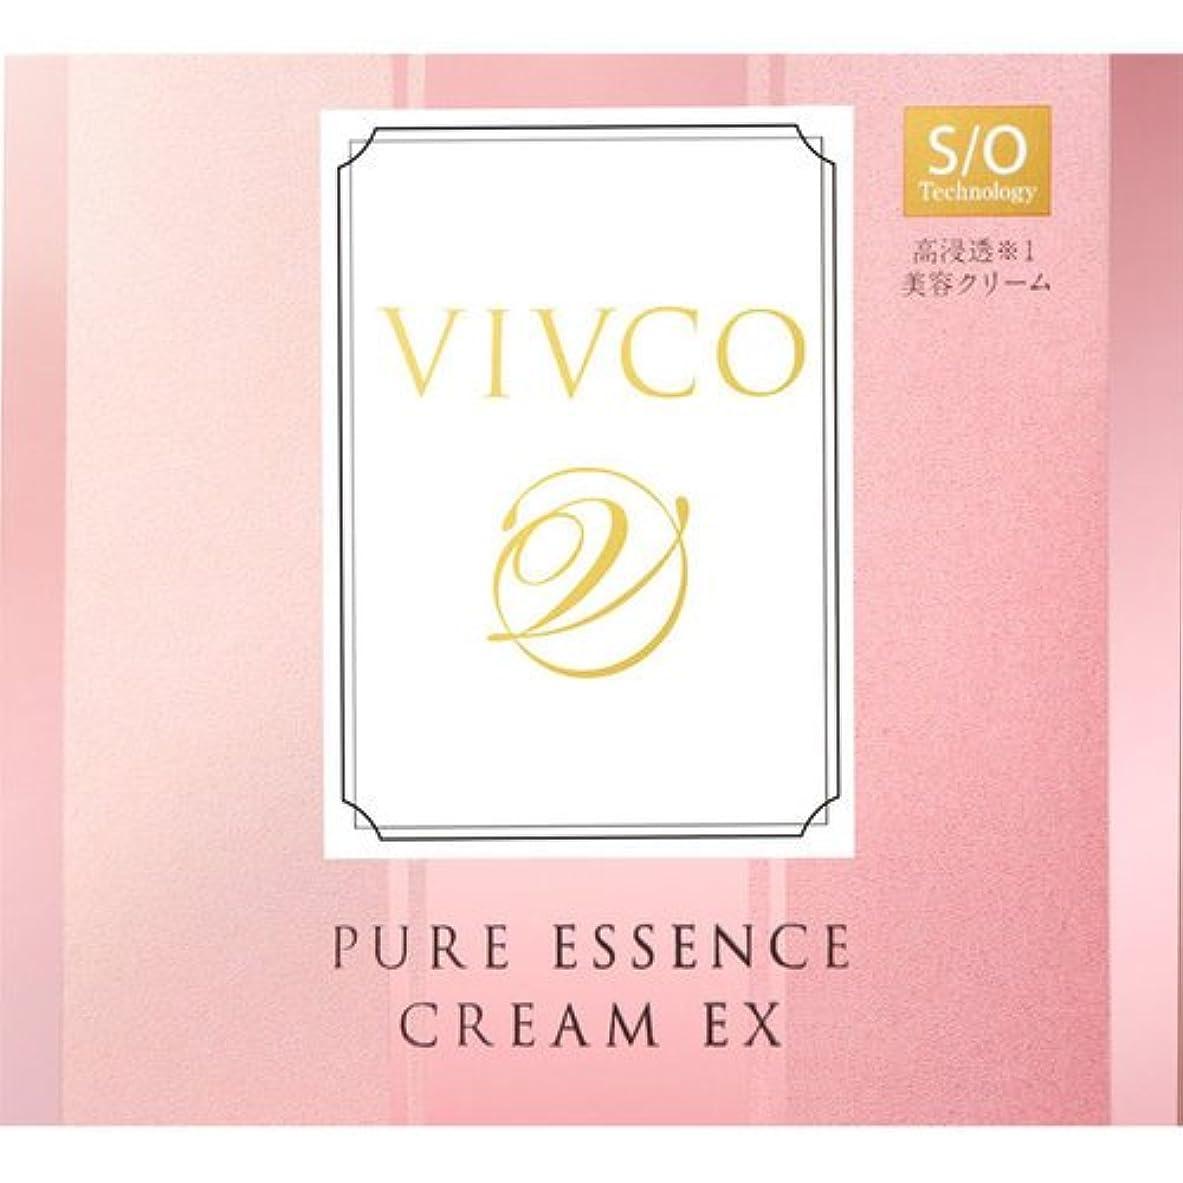 松明取り出すアジアVIVCO(ヴィヴコ) ピュアエッセンス クリームEX 60g